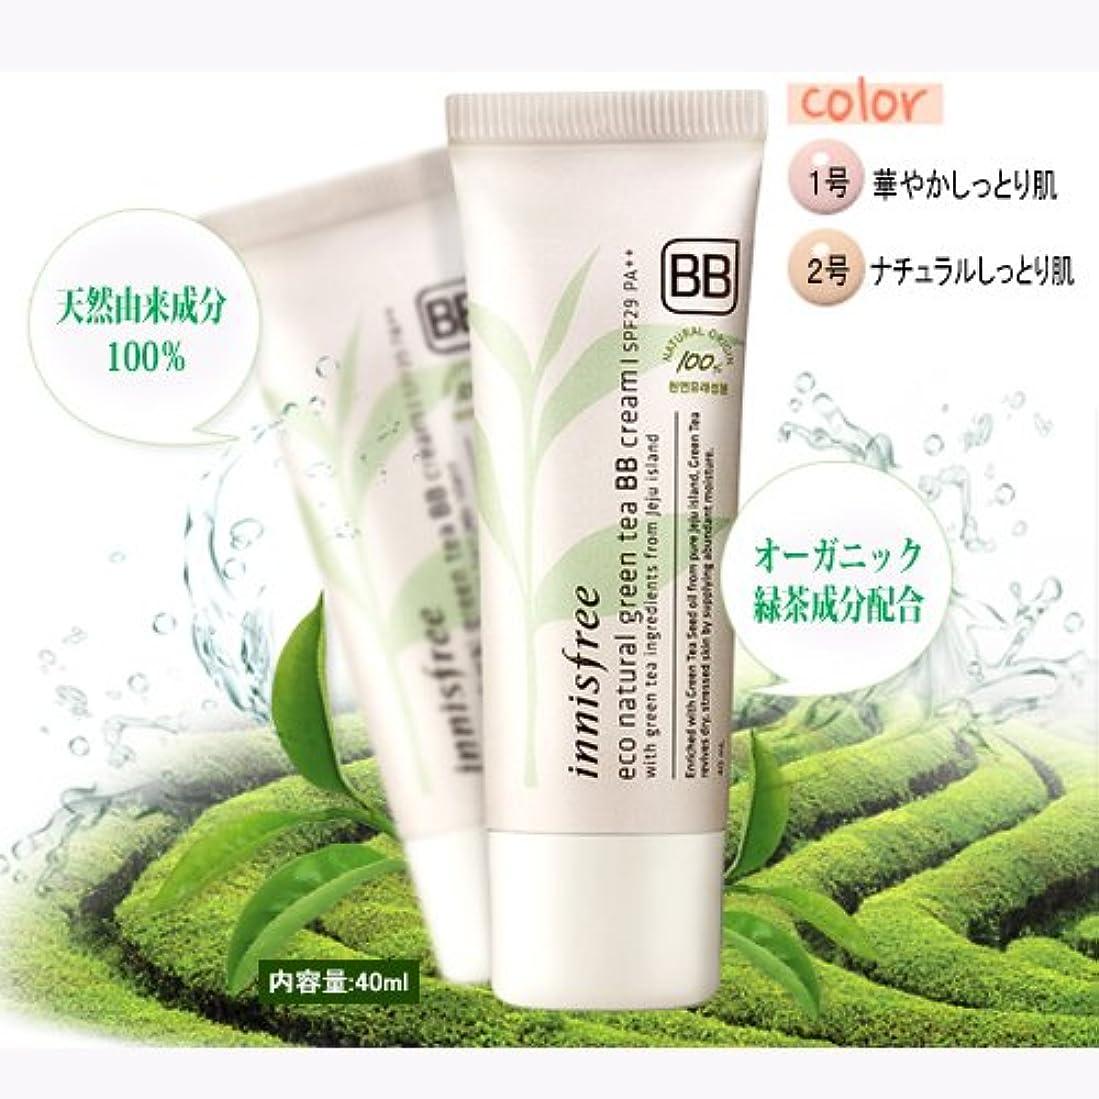 素晴らしいですドラゴン章innisfree/イニスフリー Eco Natural Green Tea BB Cream #01 /エコナチュラルグリーンティーBBクリーム 華やかなしっとり肌 SPF29PA++40ml